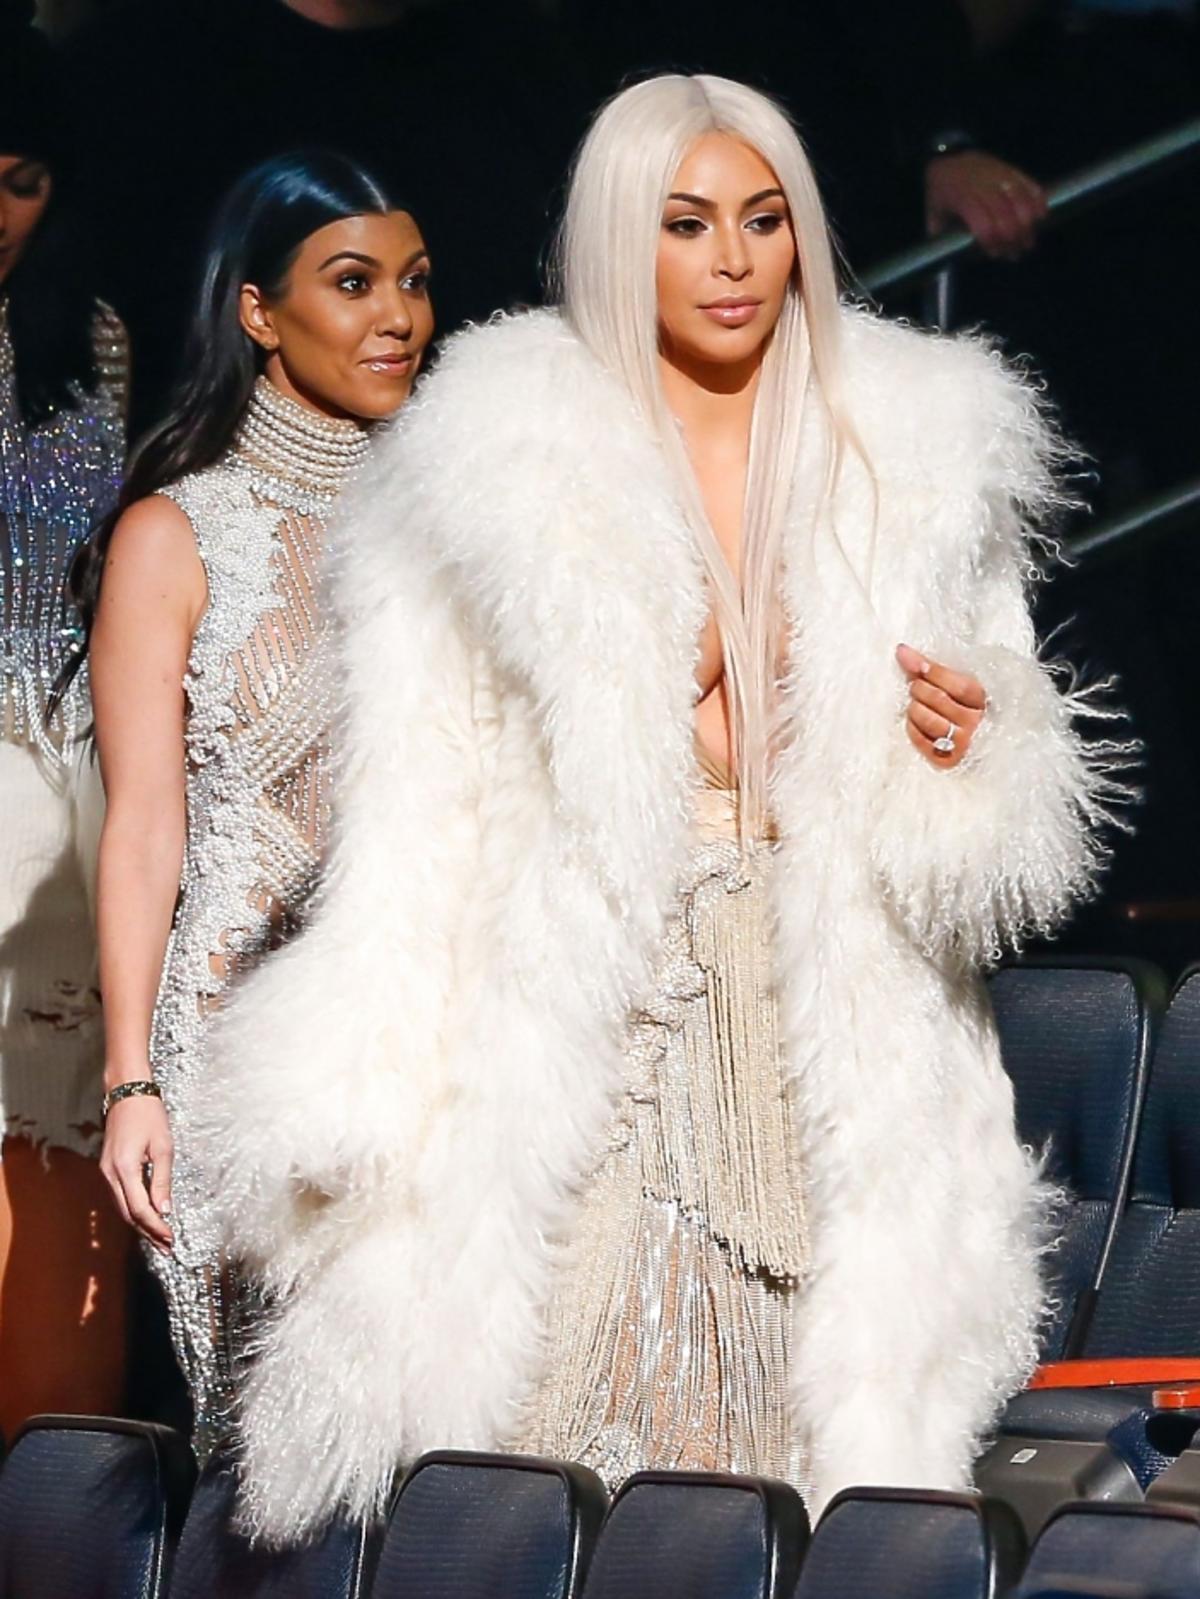 Kim Kardashian w blond włosach na pokazie Kanye Westa